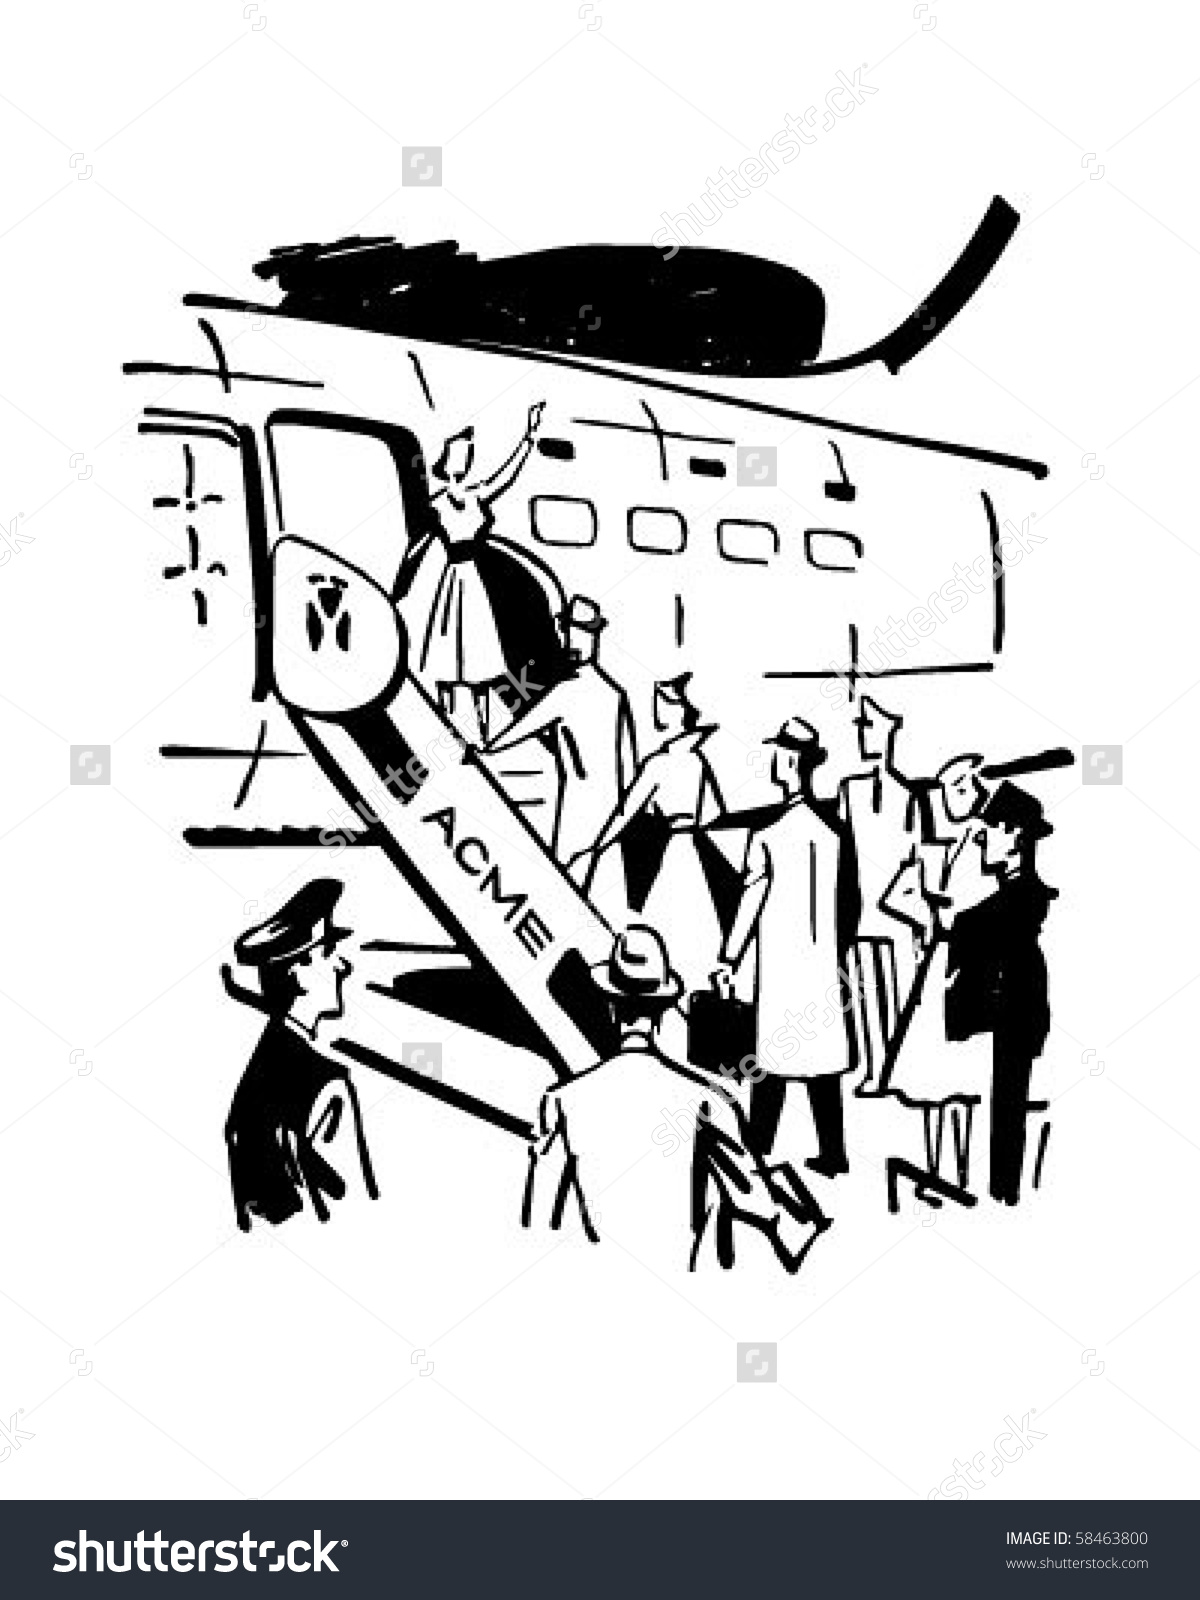 Retro clip art stock. Boarding the plane clipart